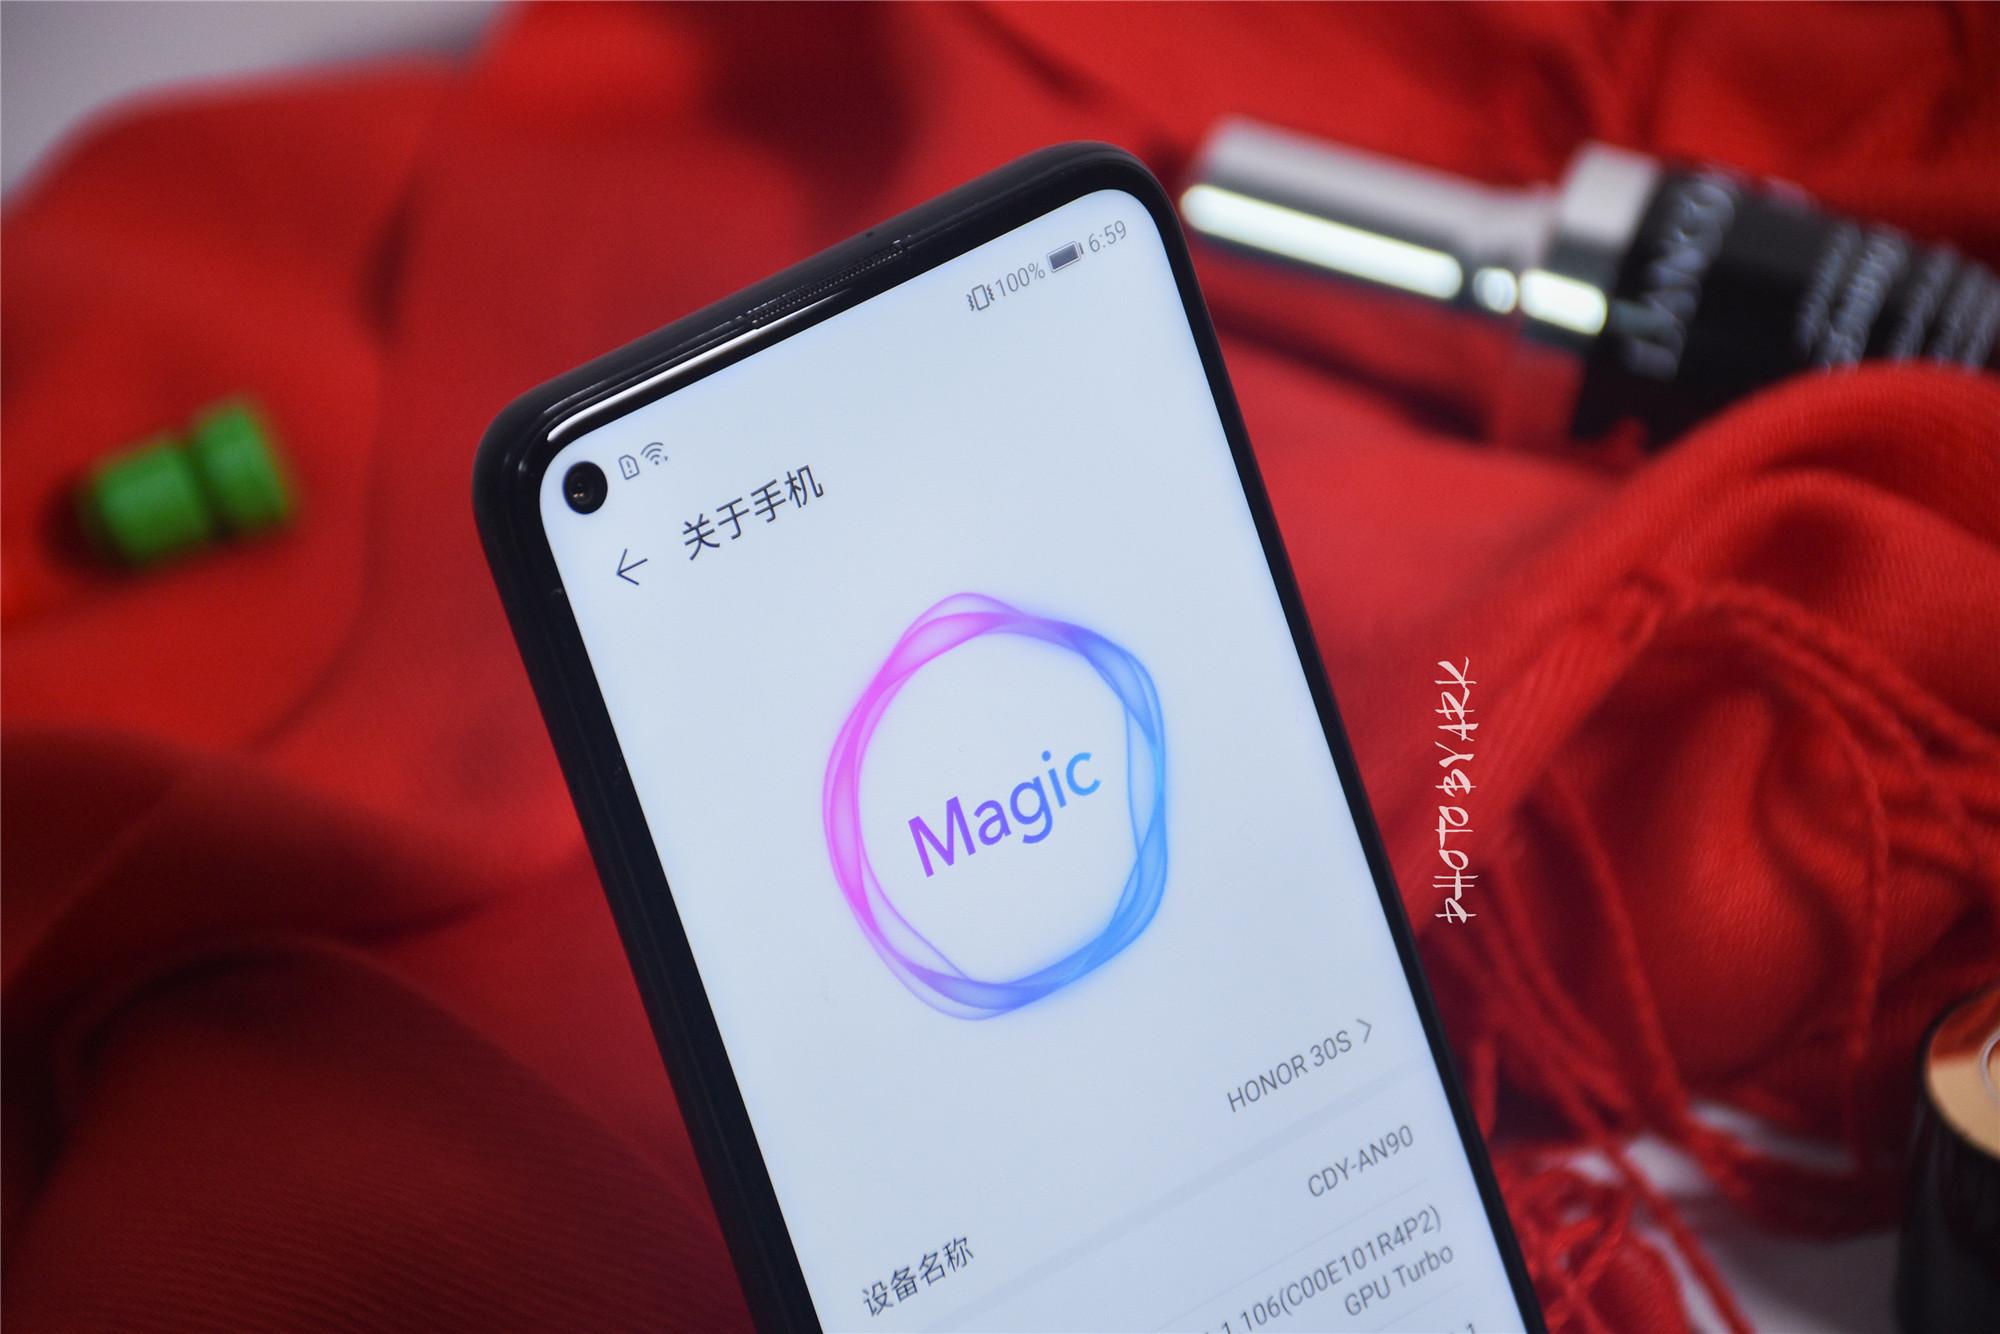 首发MagicUI3.1,荣耀30S流畅操作稳居国产前列,荣耀30S-花粉俱乐部